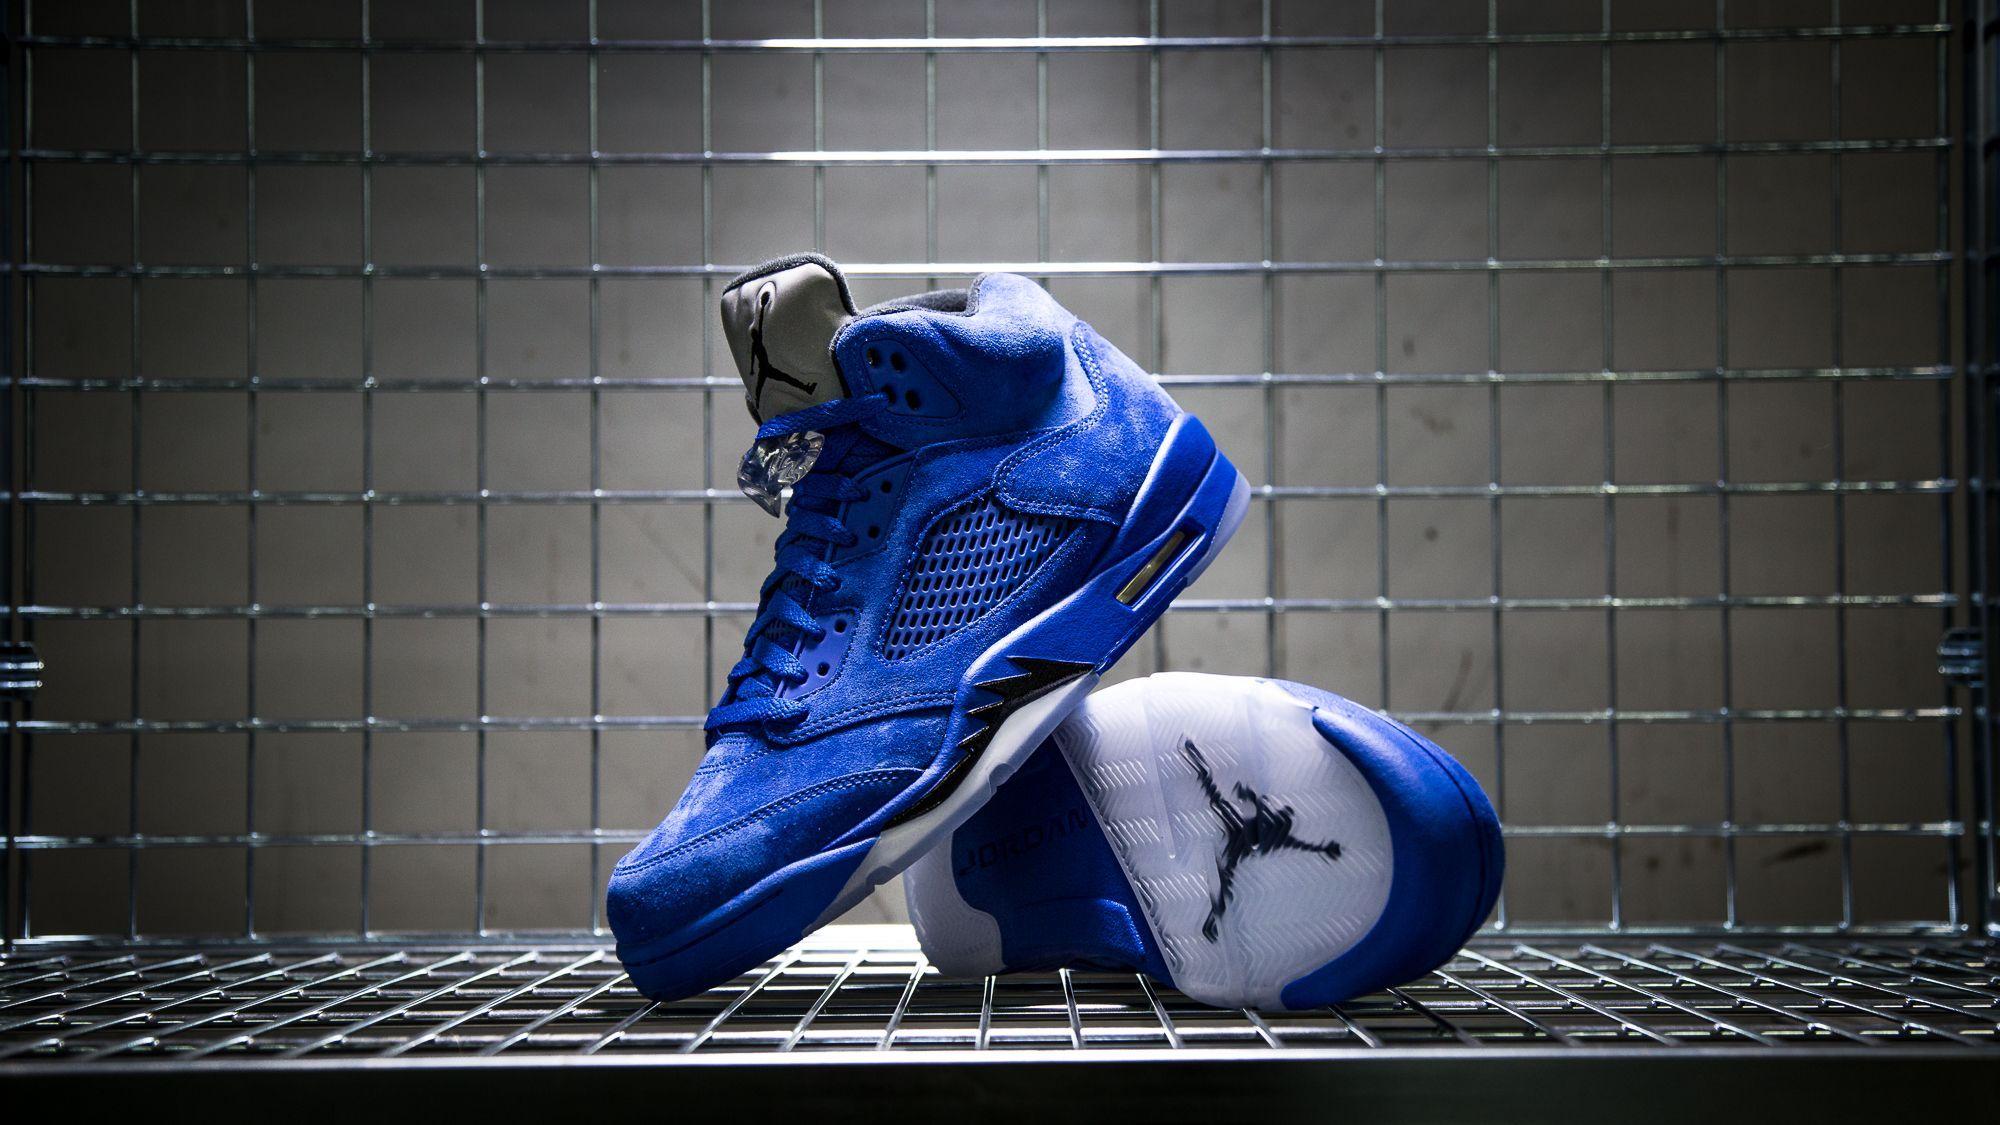 0e09b7e8a135 Nike Air Jordan 5 Retro (136027-401) Flight Suit Blue Suede USD 165